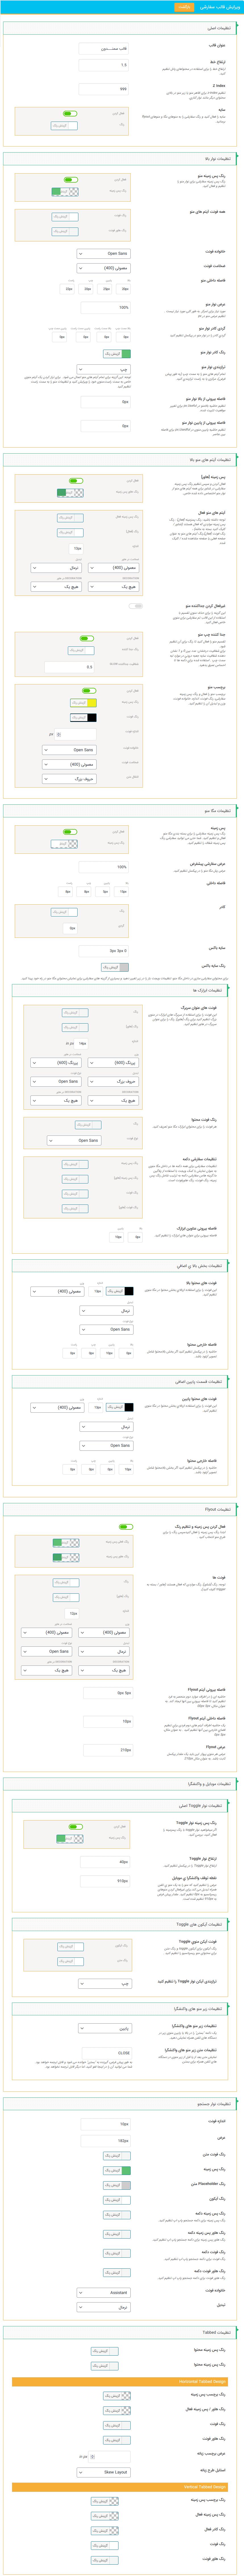 تنظیمات افزودن یک الگوی سفارشی برای منوها